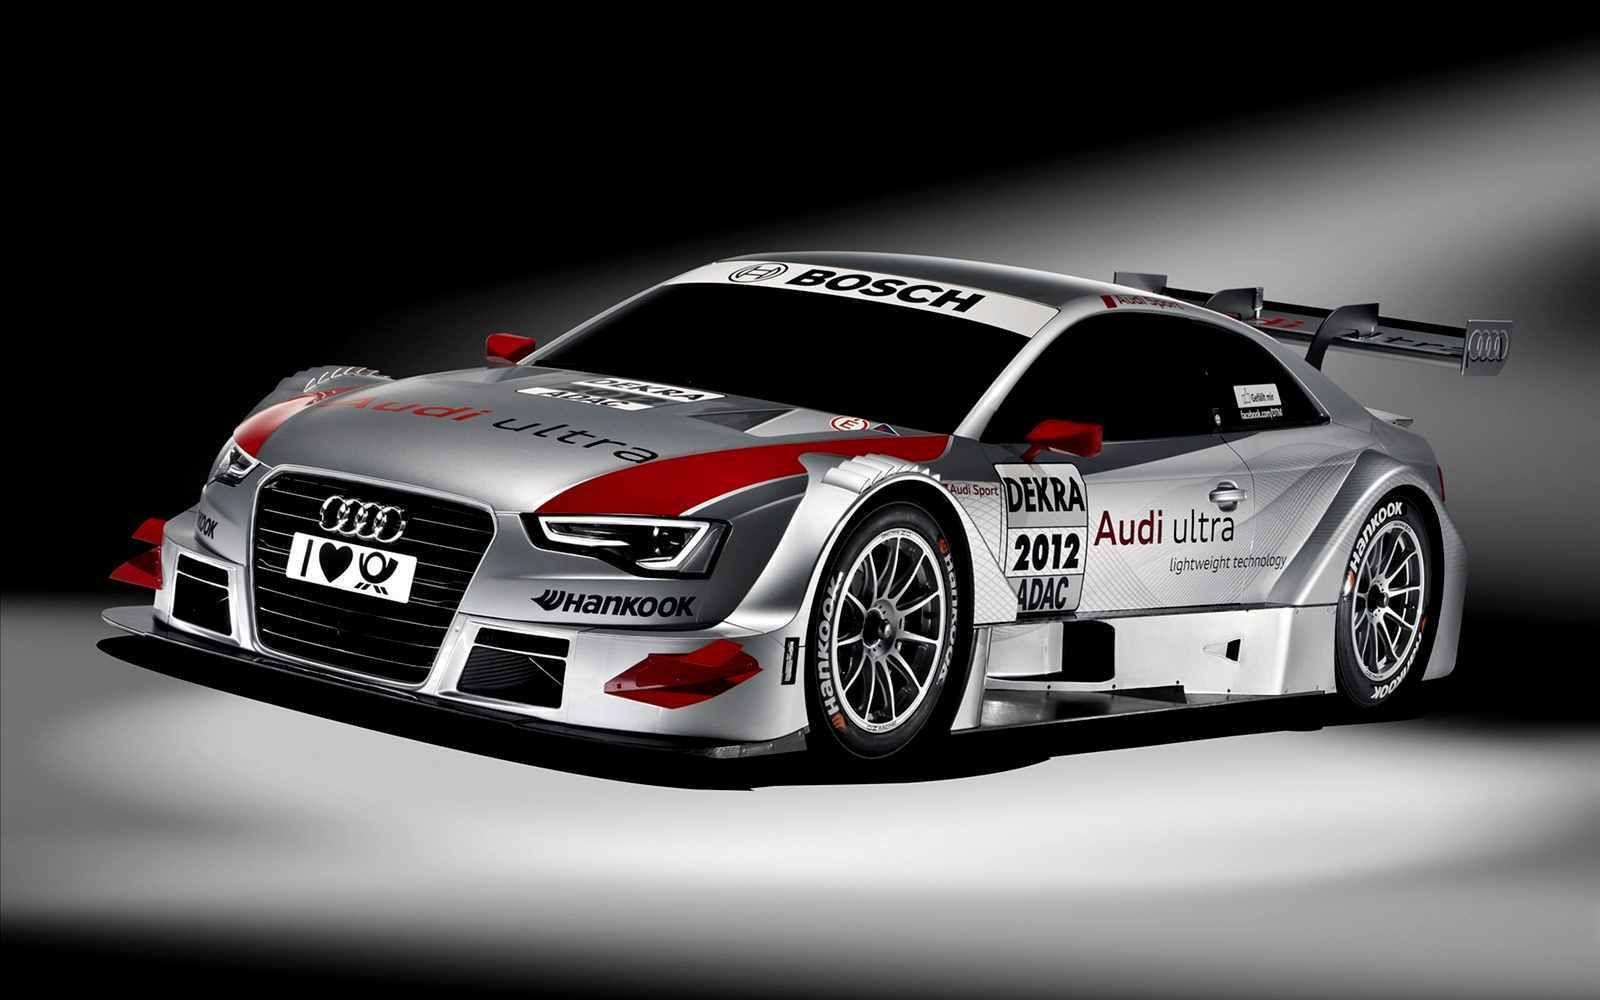 2011 Audi A5 Dtm Audi Rs5 Audi A5 Coupe Rennen